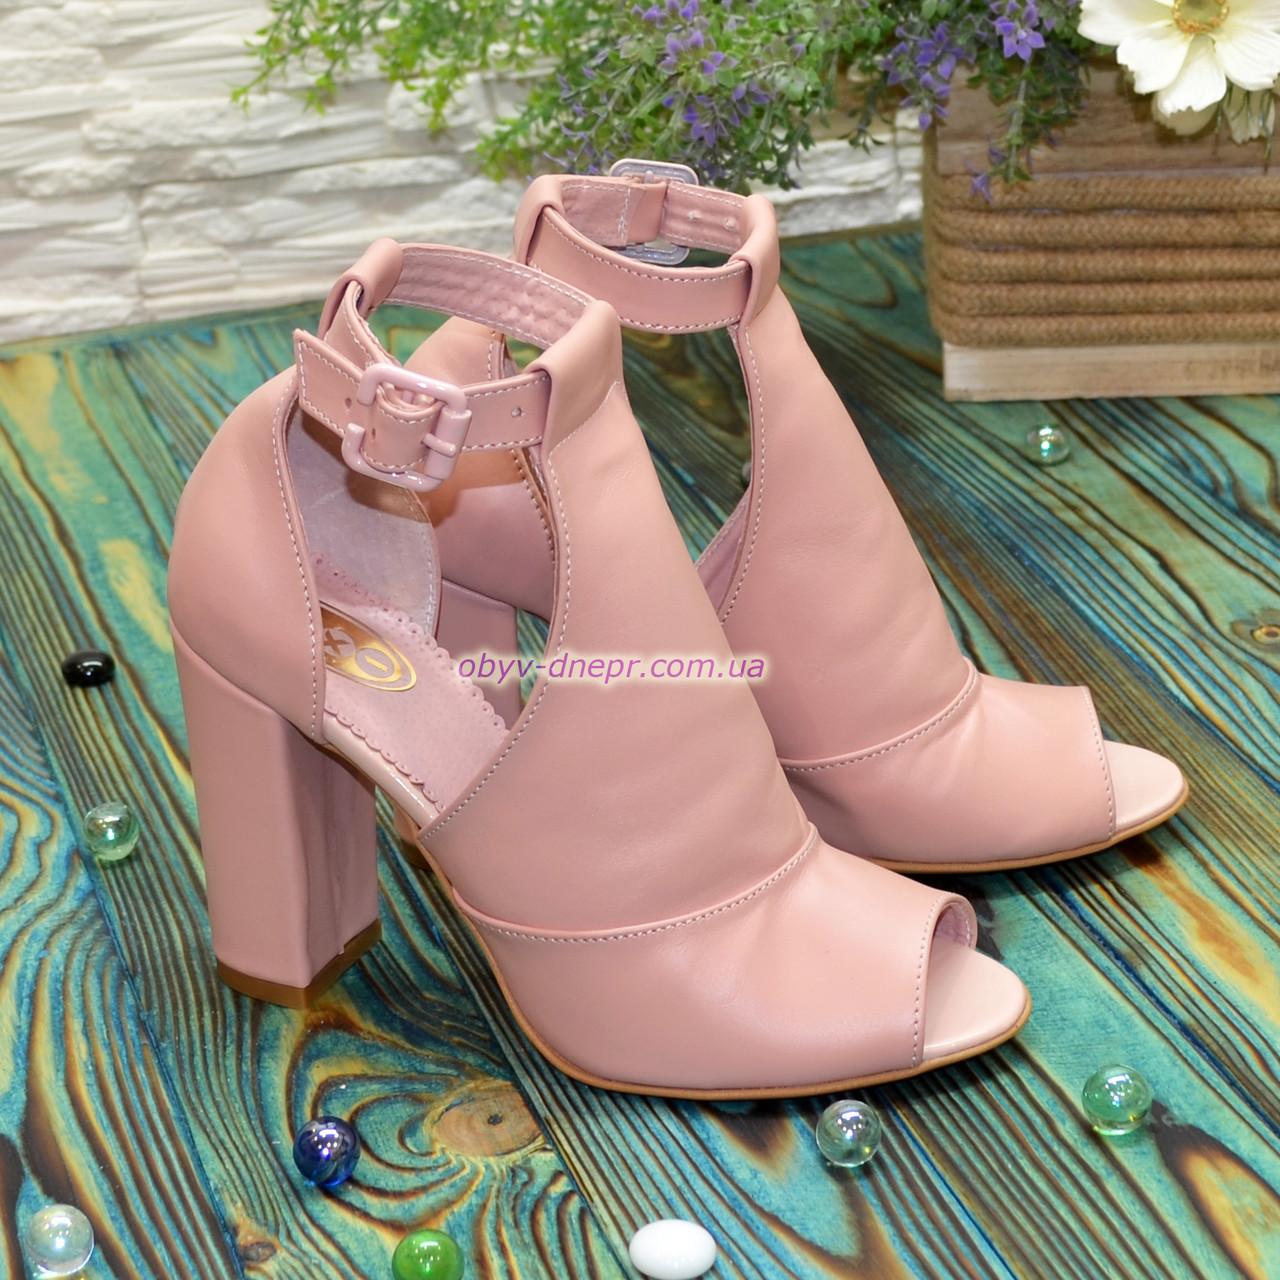 Женские кожаные босоножки на устойчивом каблуке, цвет пудра